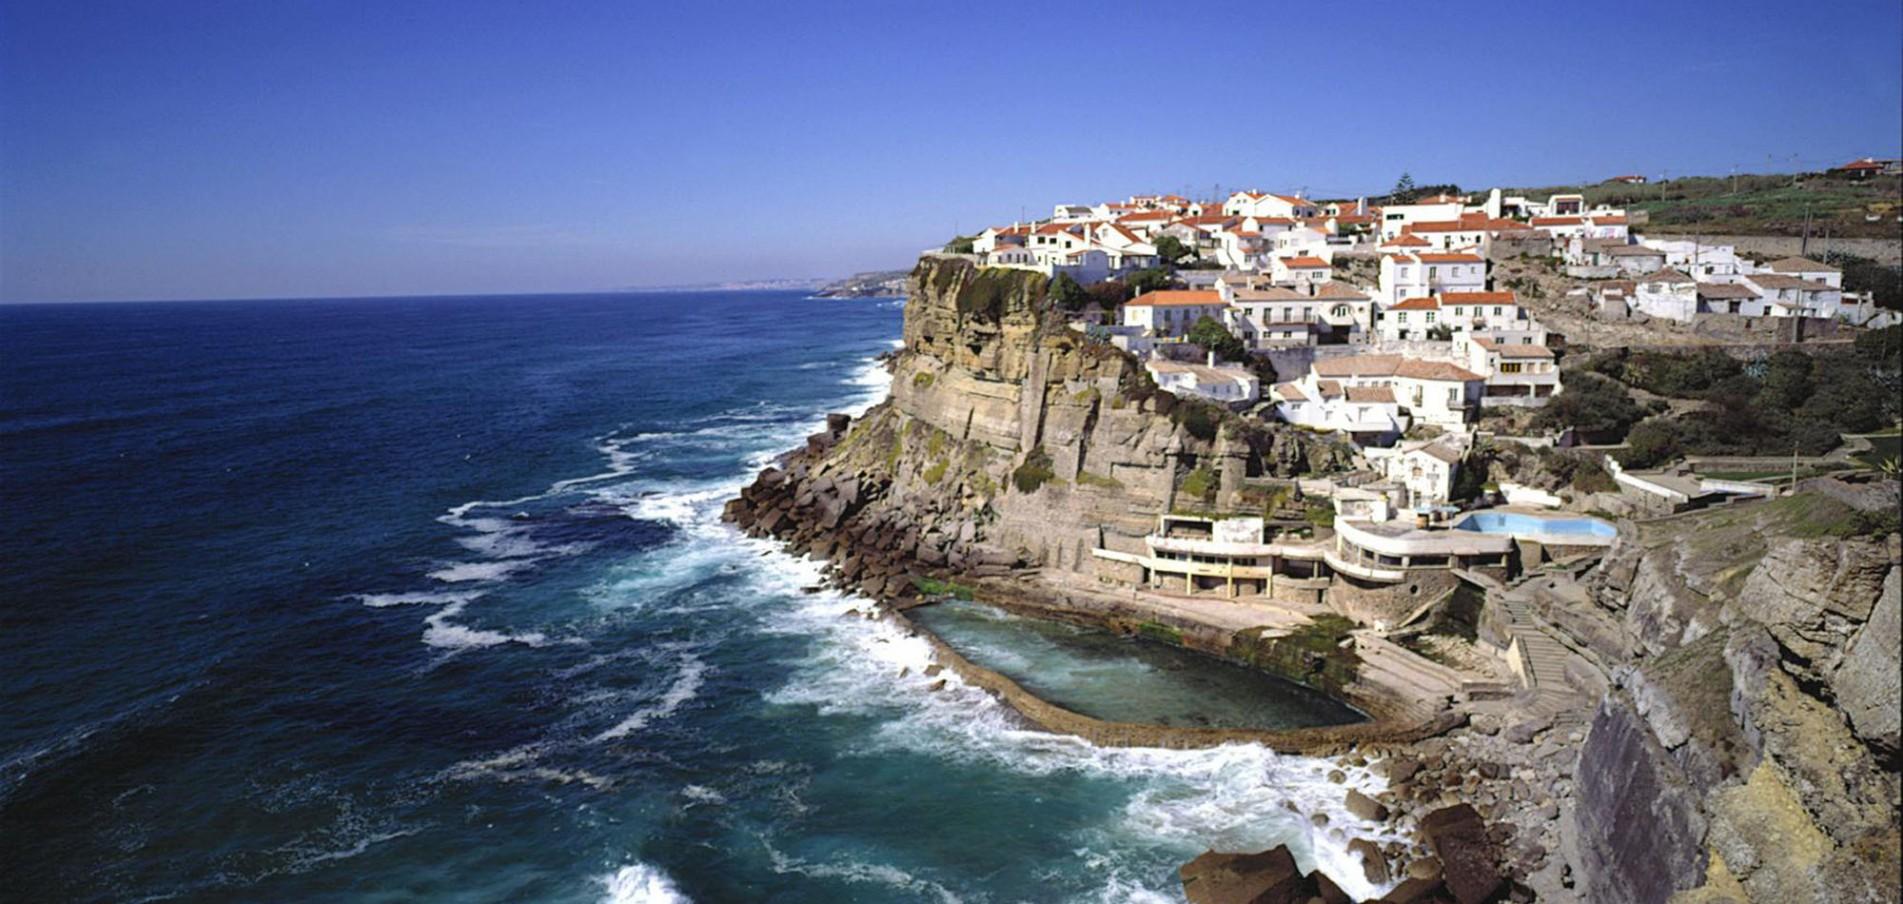 Incentive Destination des Monats Lissabon und seine Küste